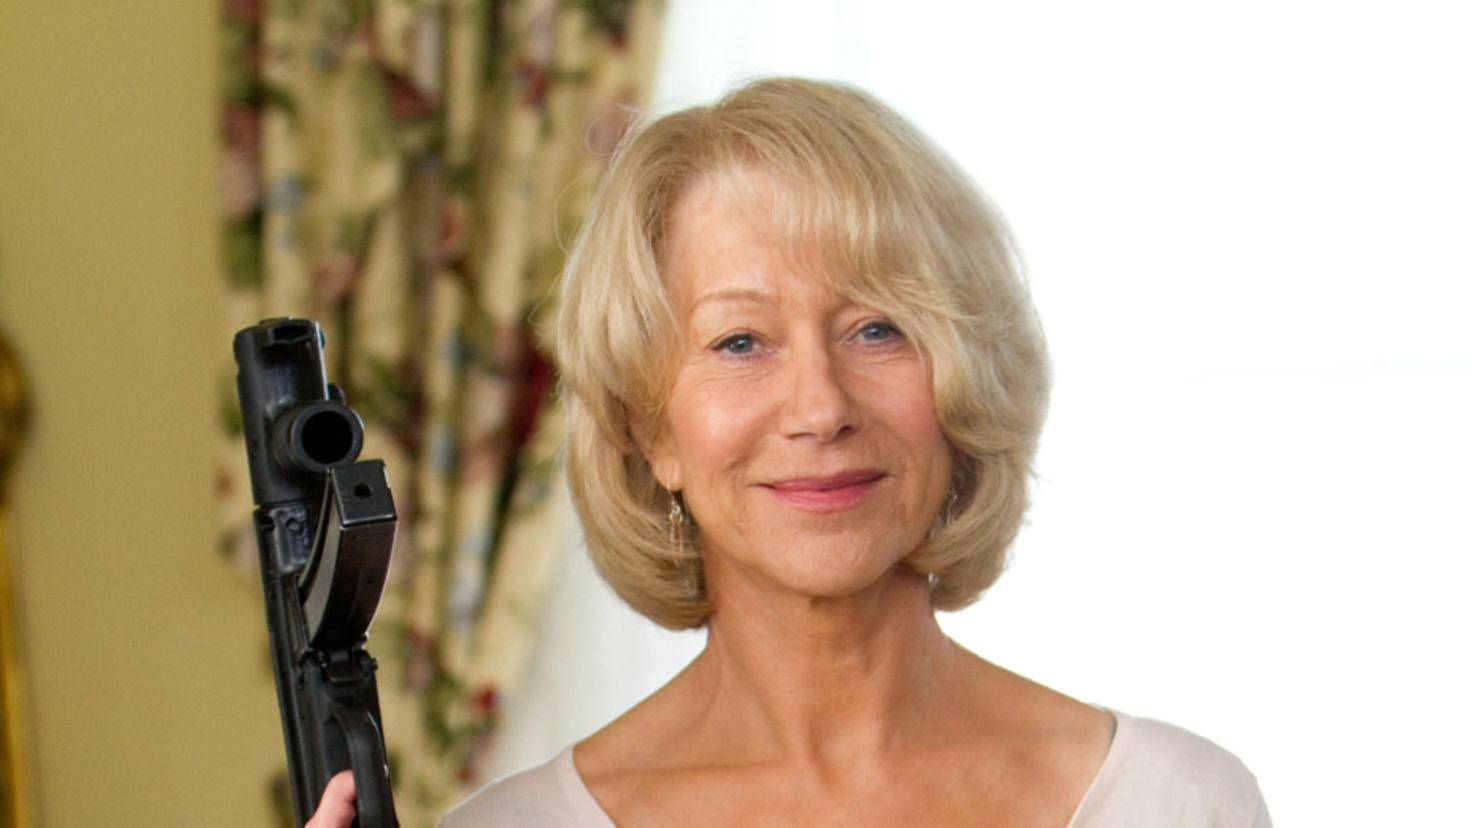 """Wer hätte gedacht, dass Helen Mirren unbedingt ein Teil des """"Fast & Furious""""-Franchise werden wollte?"""